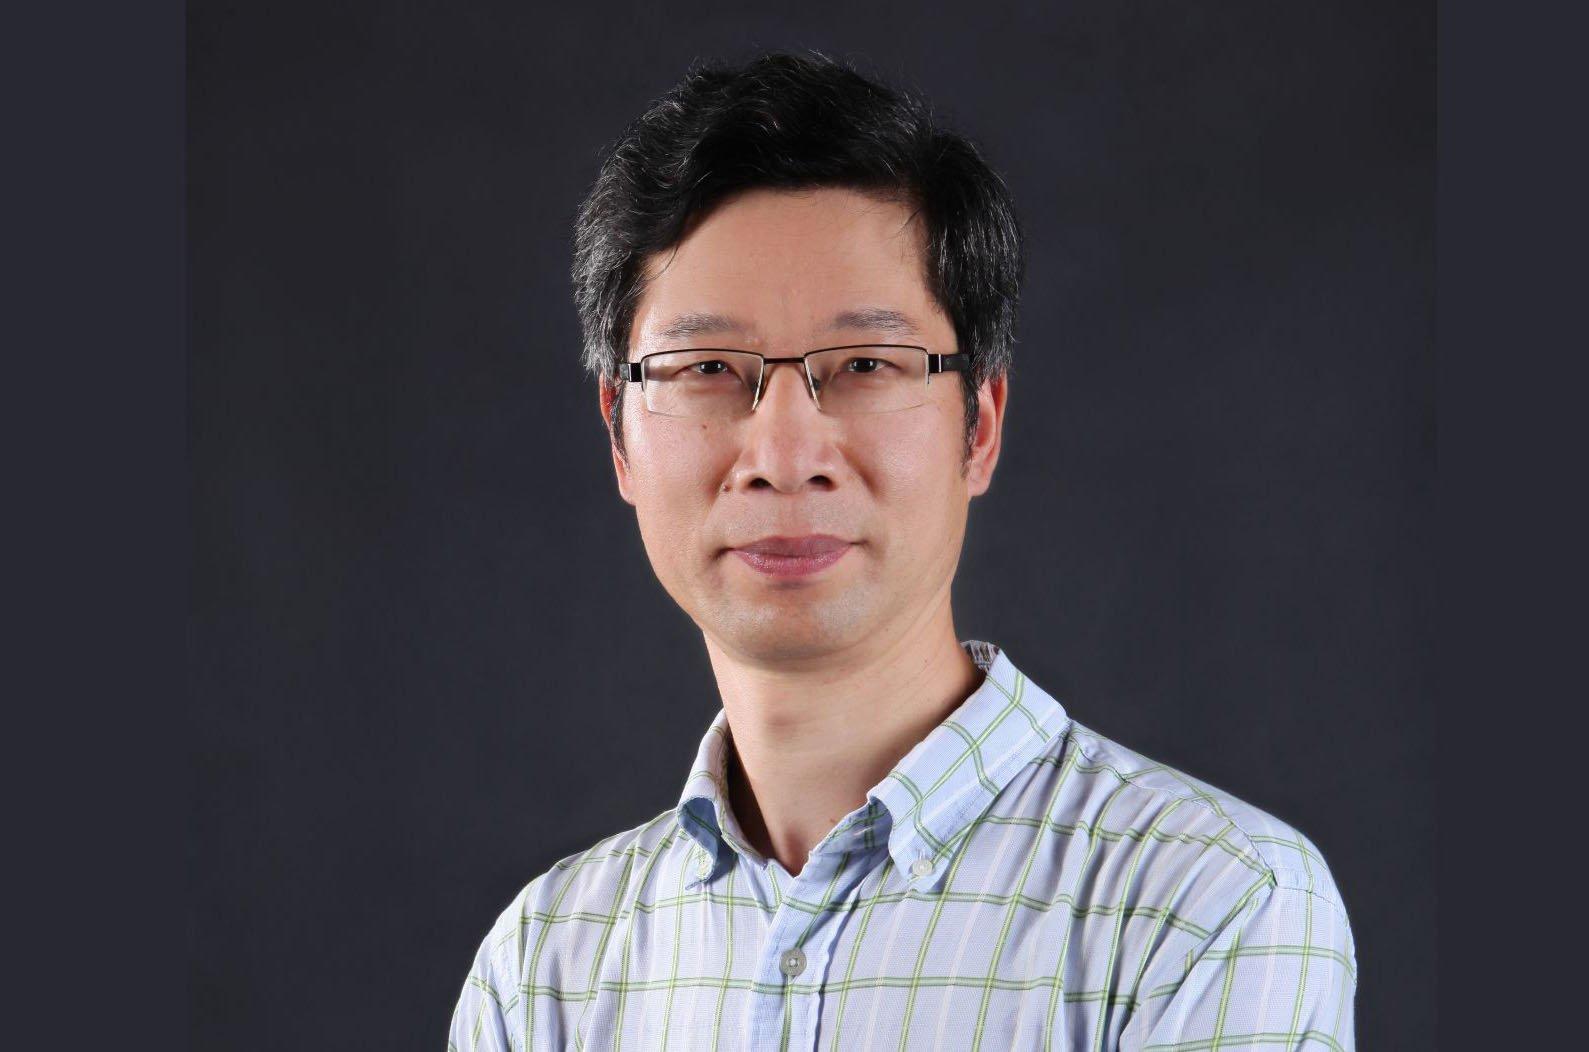 Dr. Xin Yao